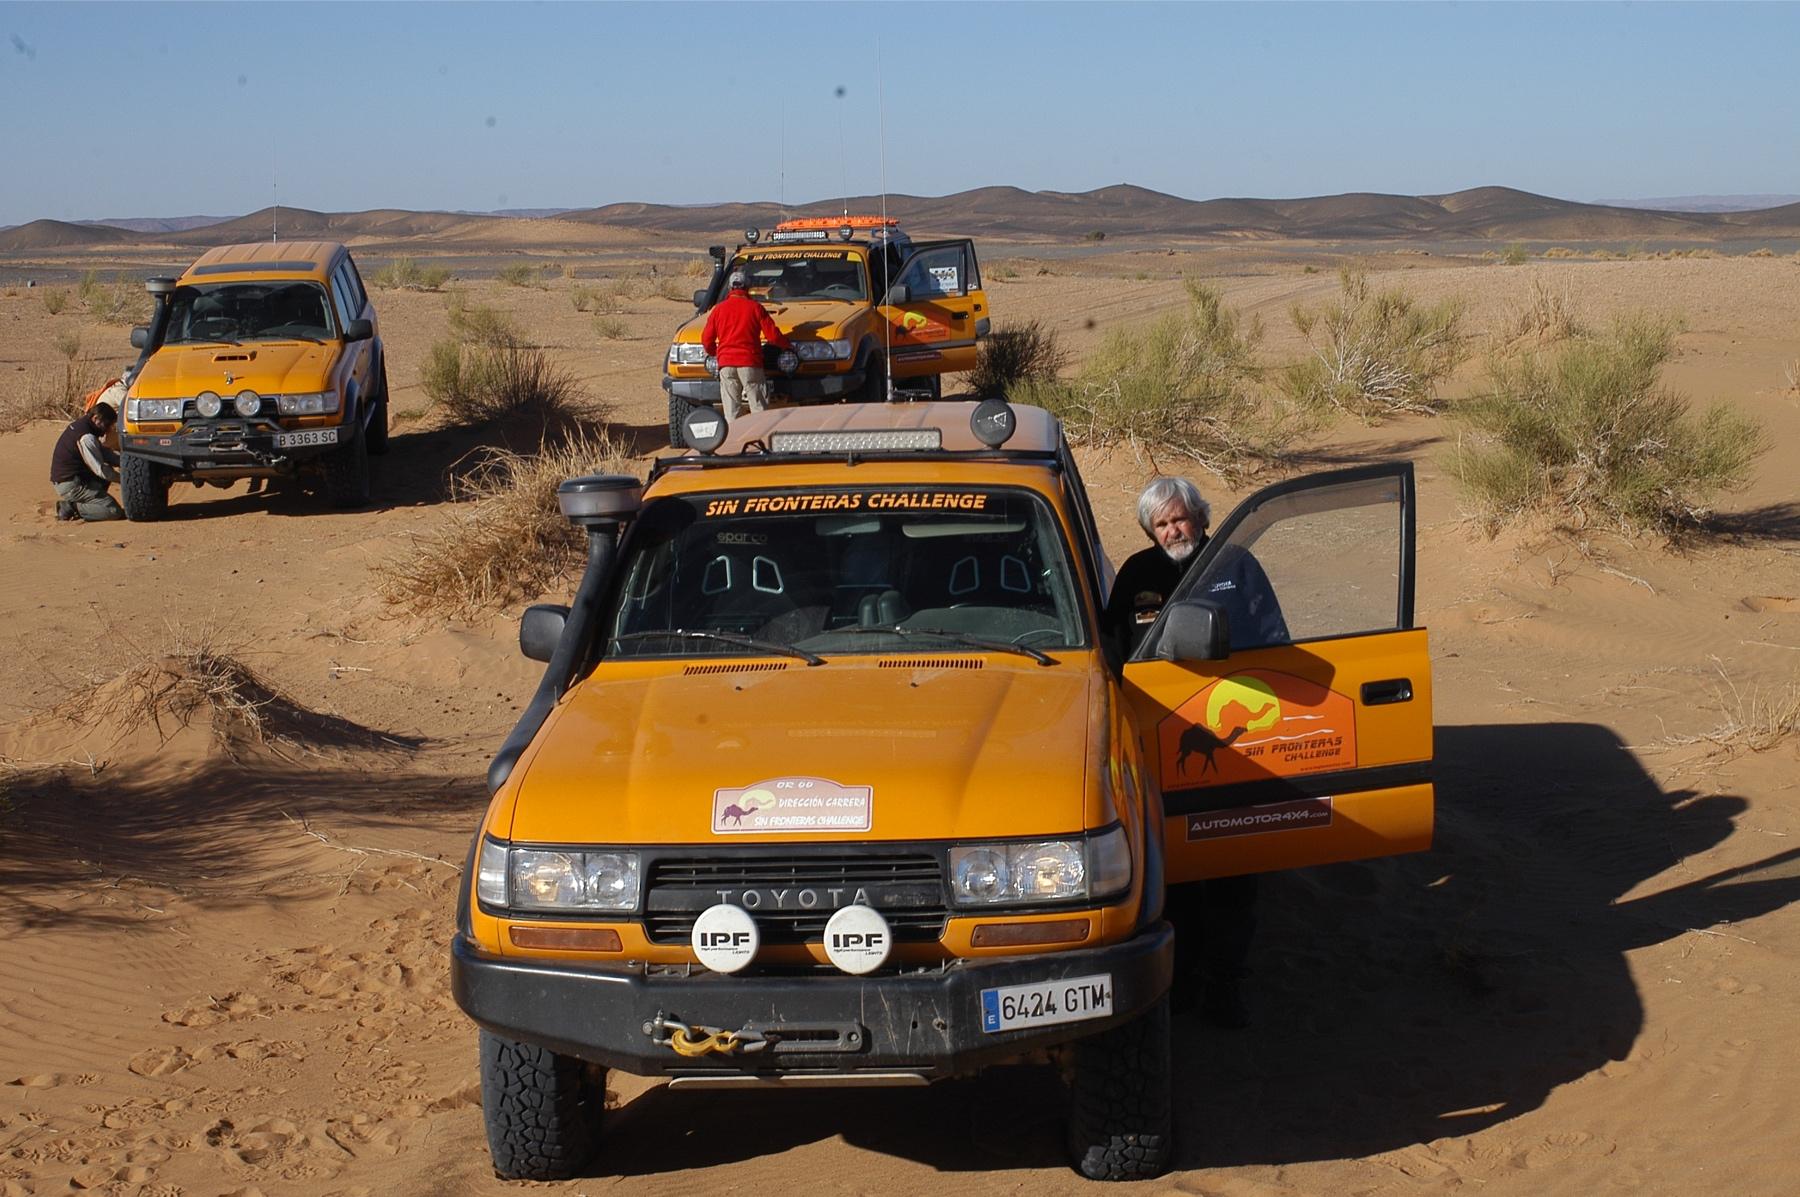 Sin Fronteras Challenge - Rally Raid de navegación